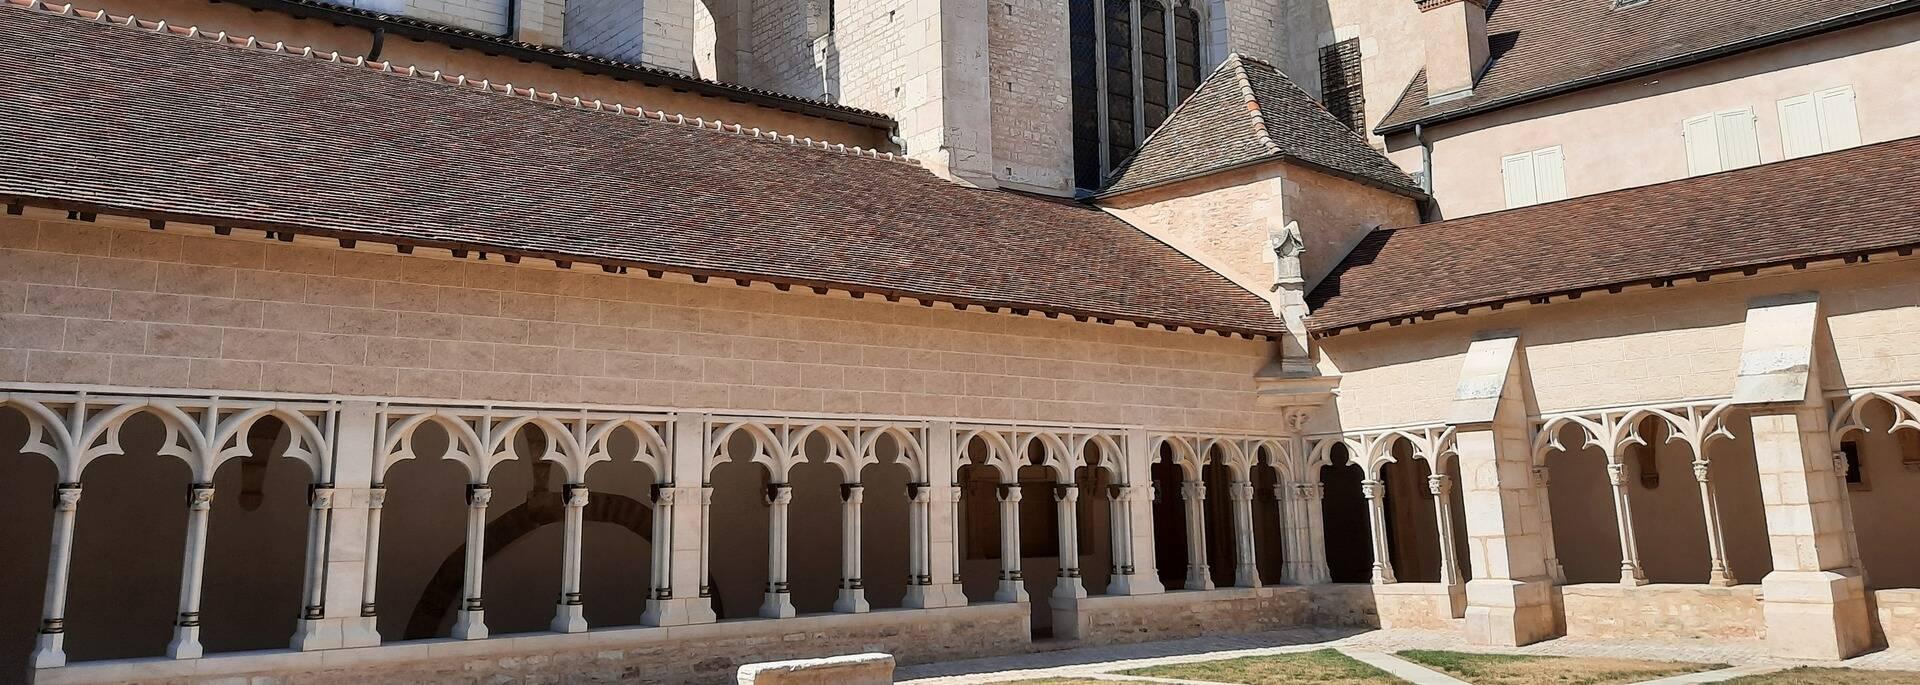 Cloître de la Cathédrale Saine Vincent